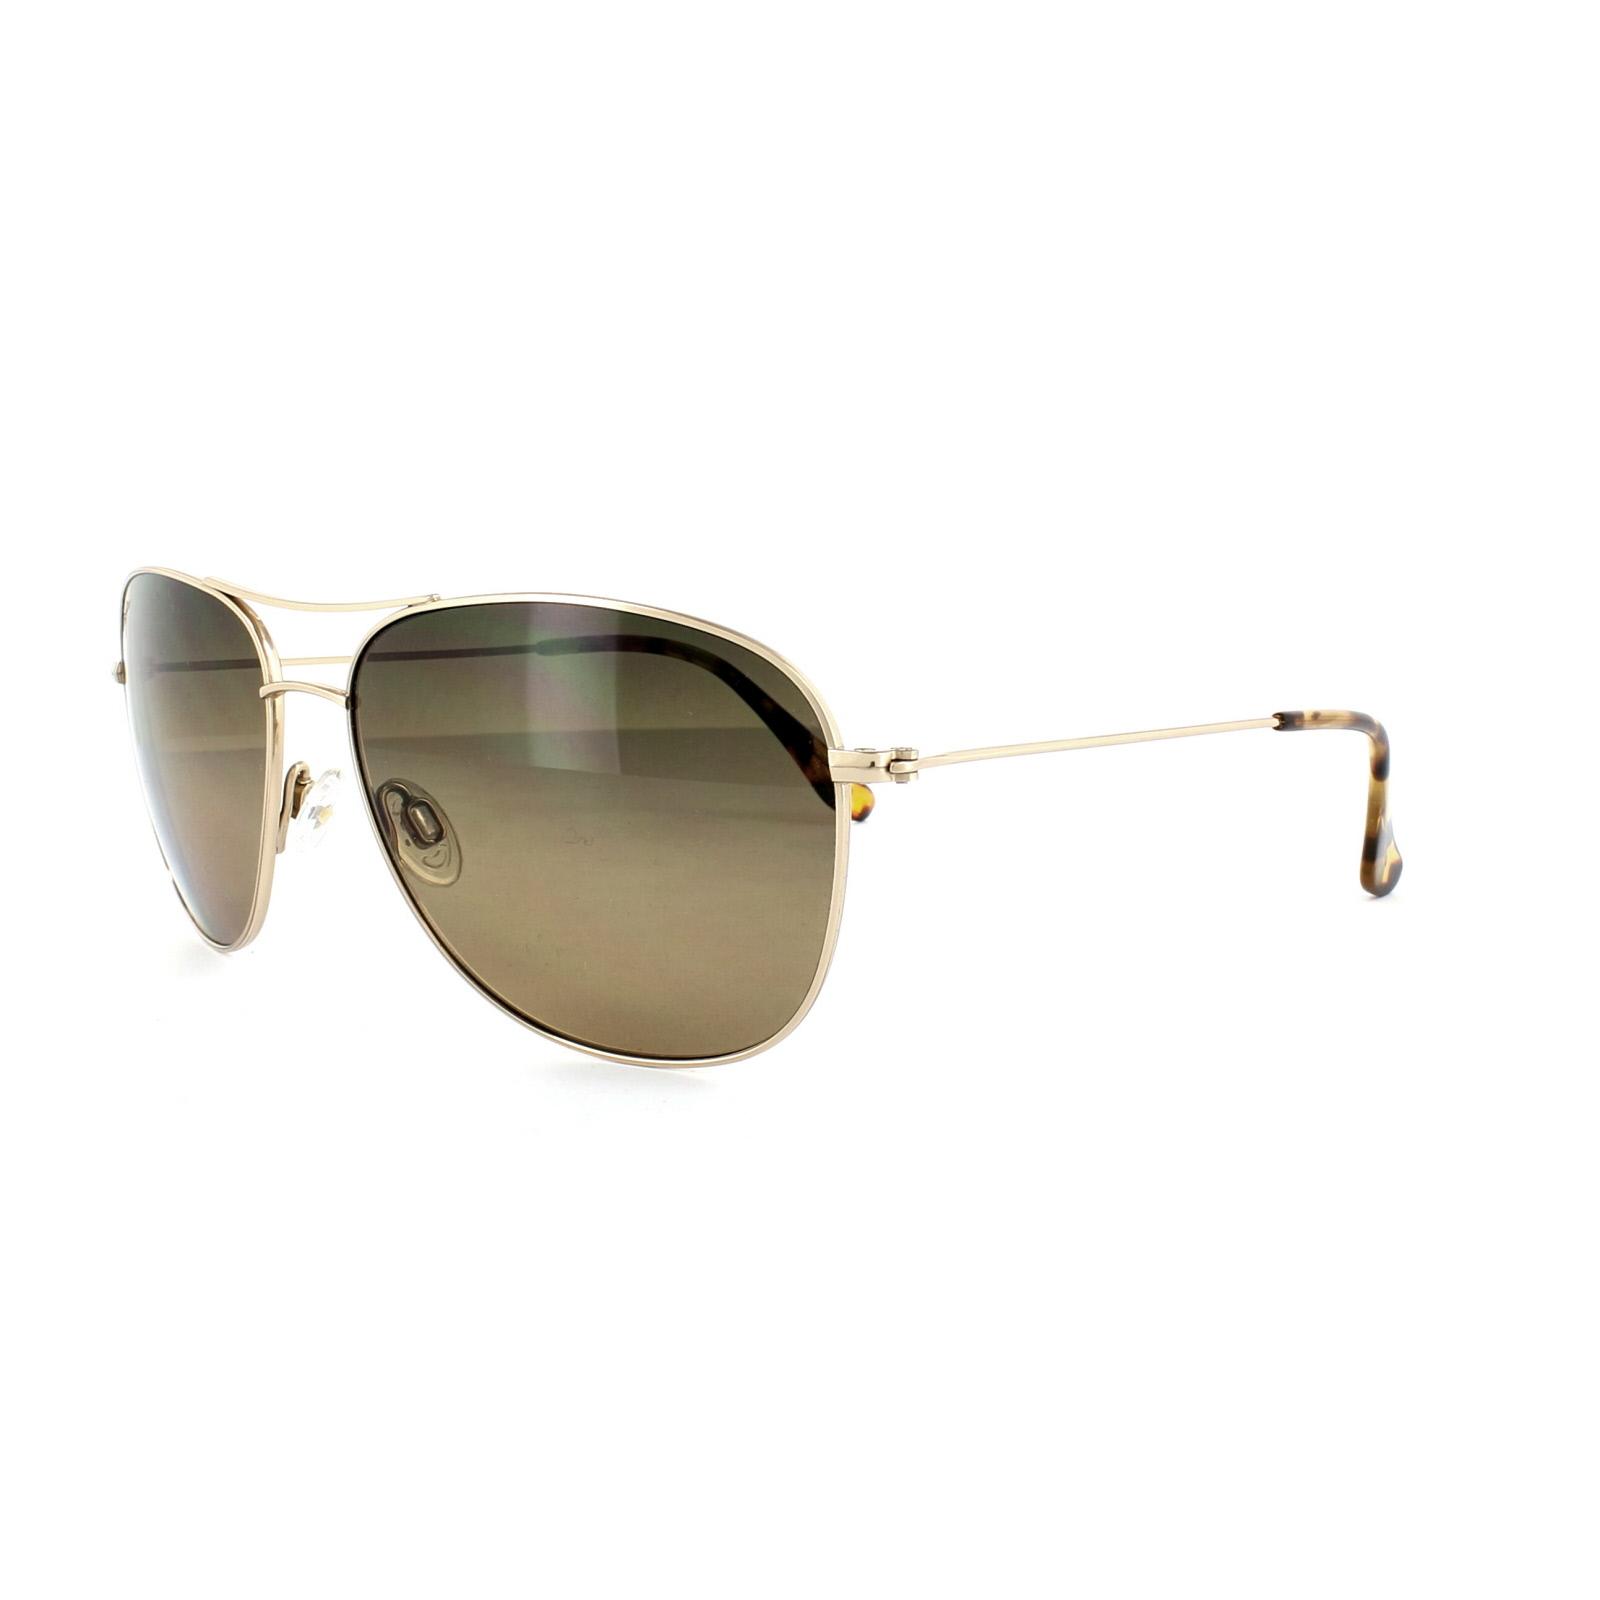 221fb2e533a63 Details about Maui Jim Sunglasses Cliff House HS247-16 Gold HCL Bronze  Polarized